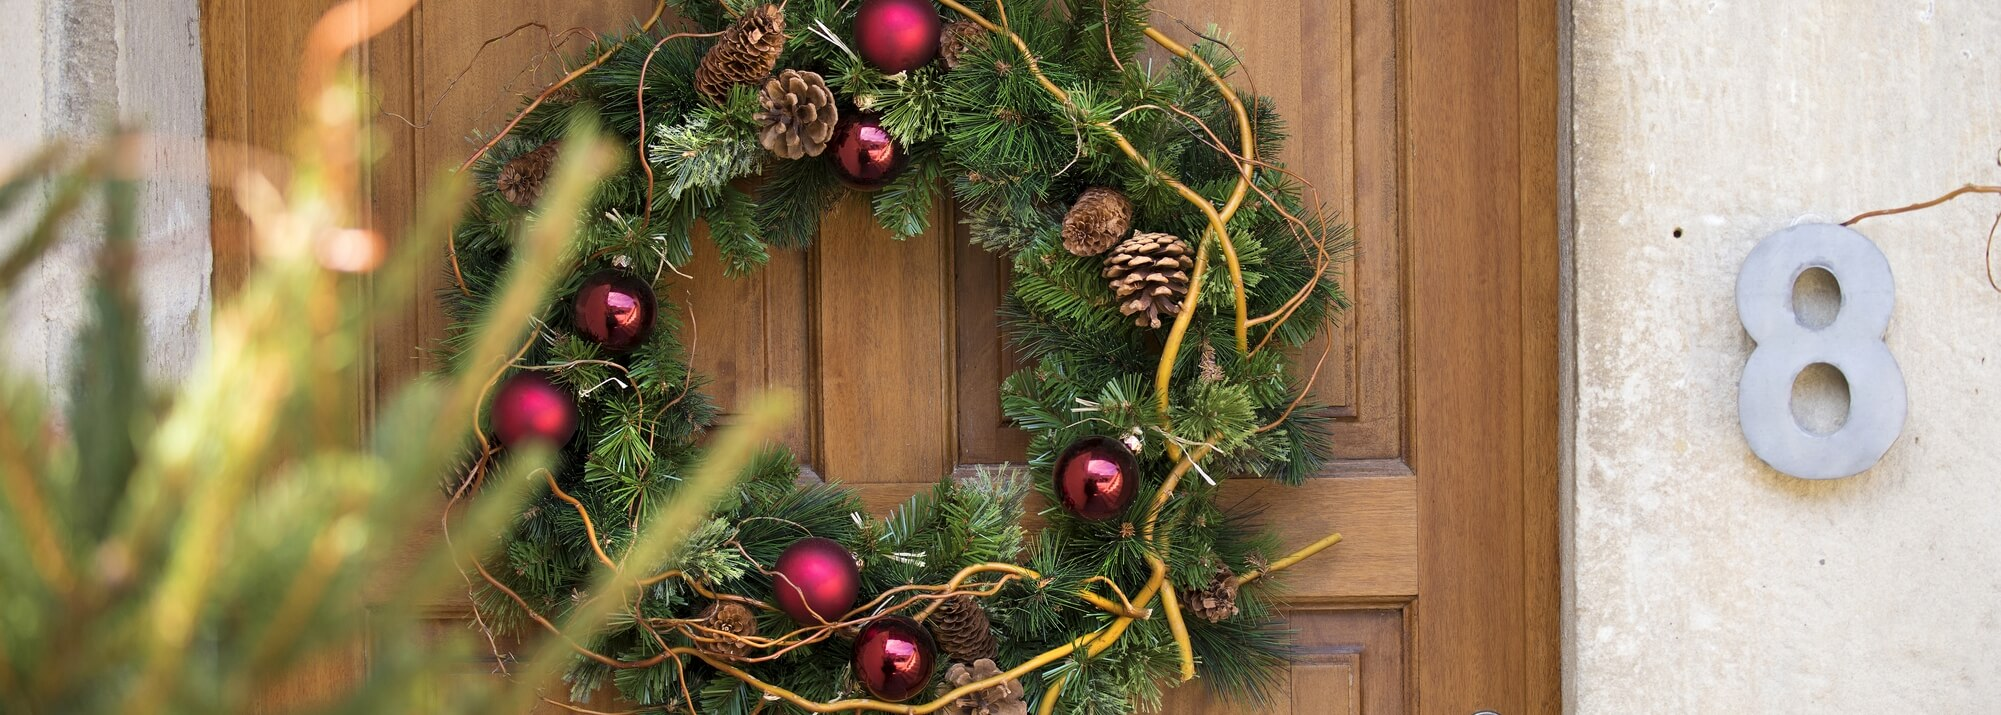 Couronnes de Noël et branchages artificiels